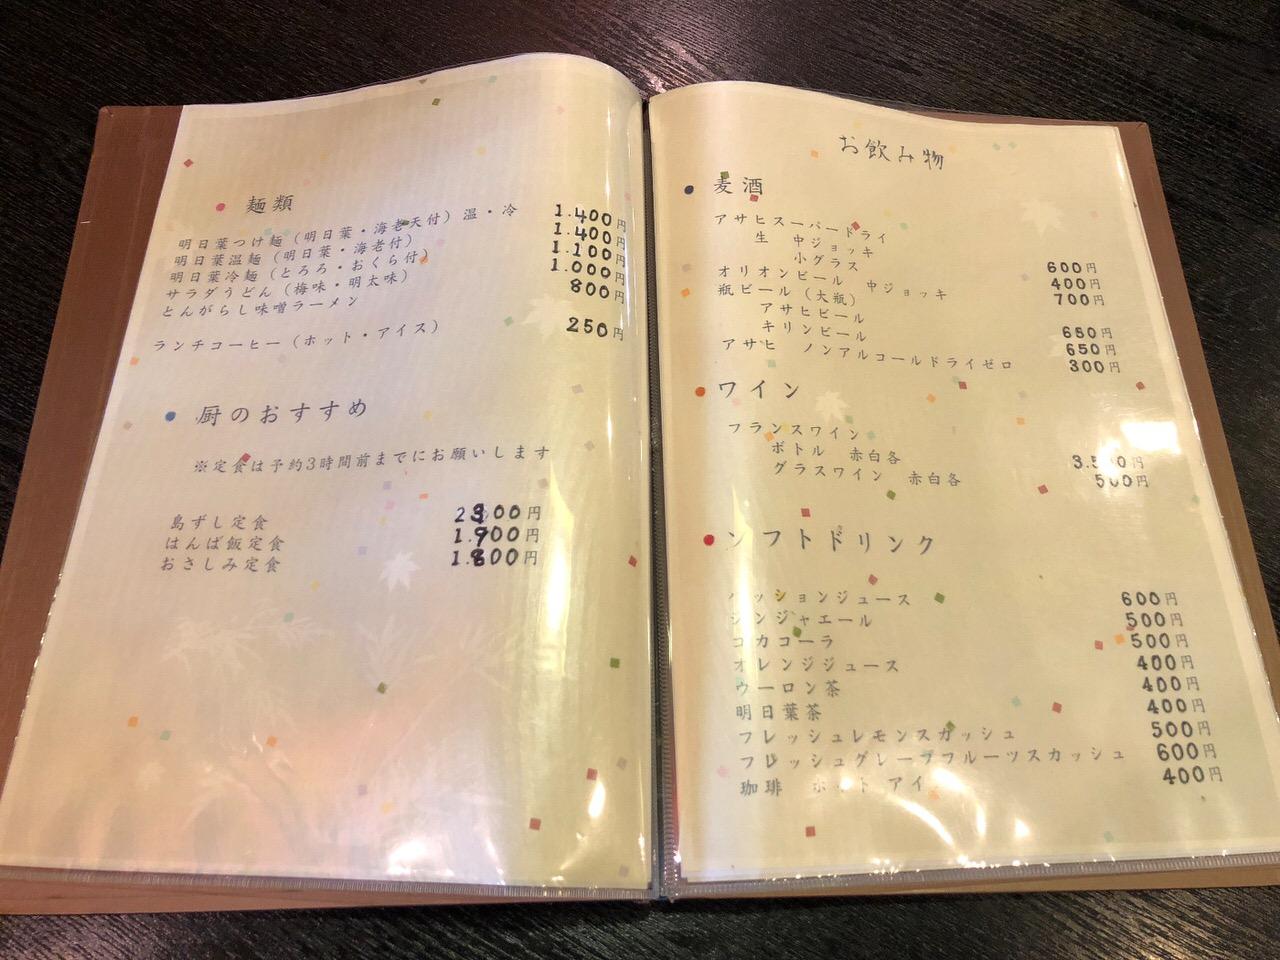 Hachijojima 16122743